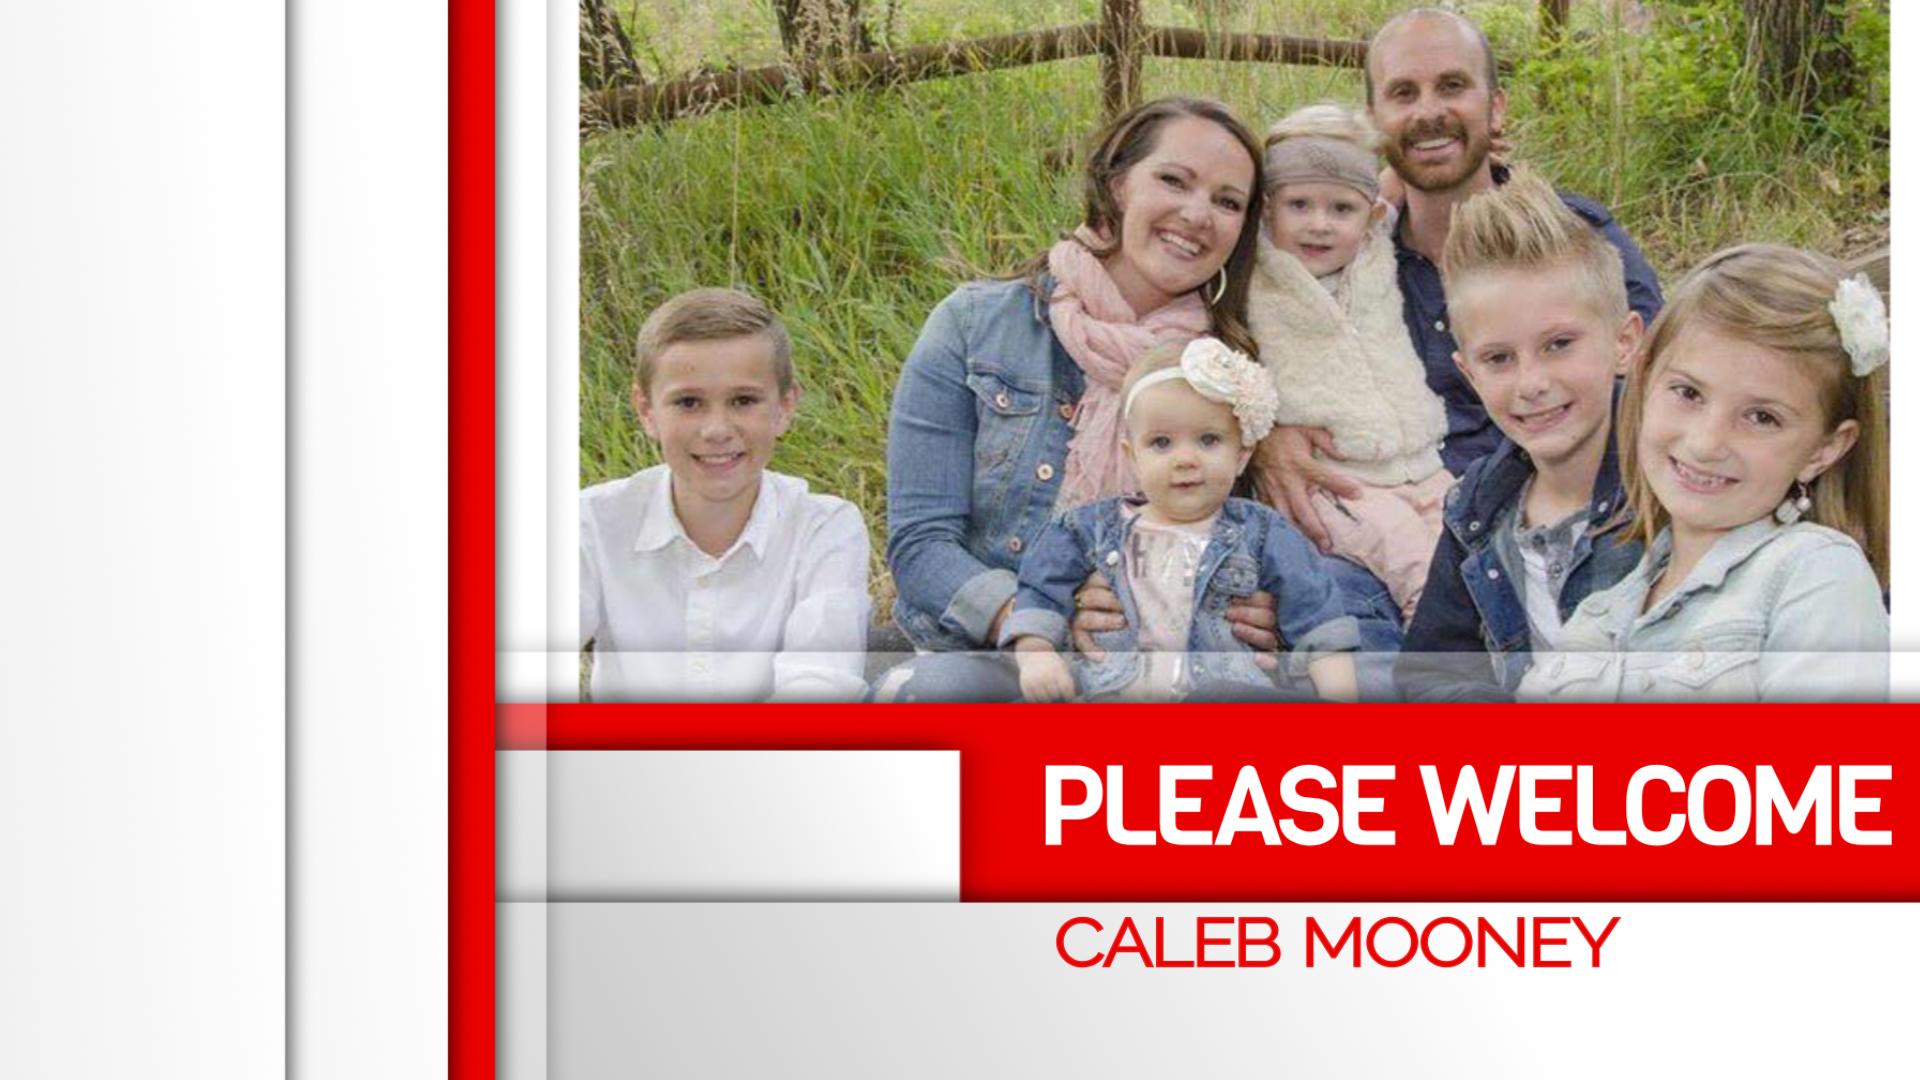 caleb mooney 2 (Converted)0.jpg